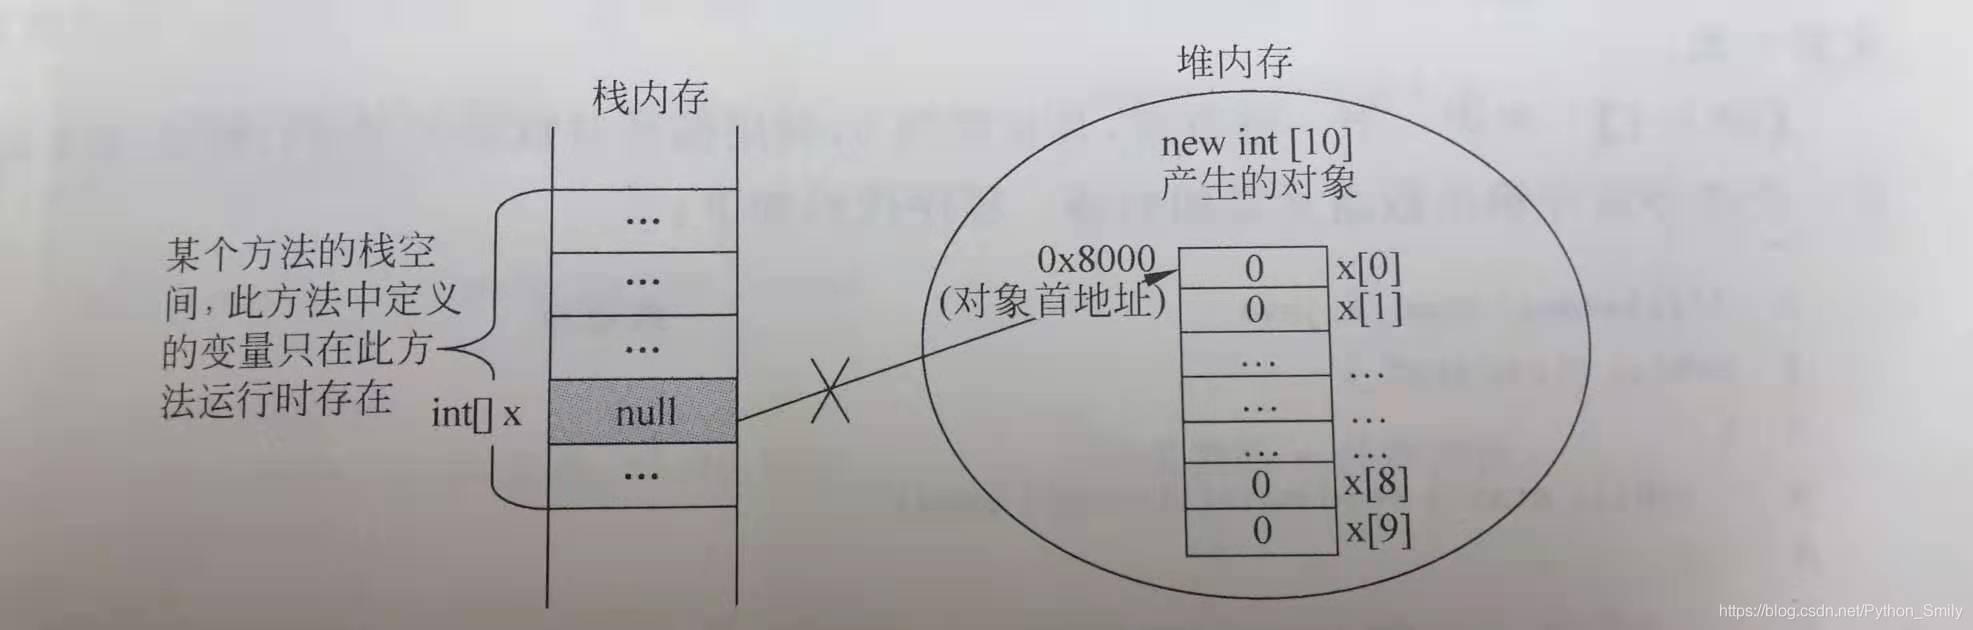 图3.引用变量与引用对象断开